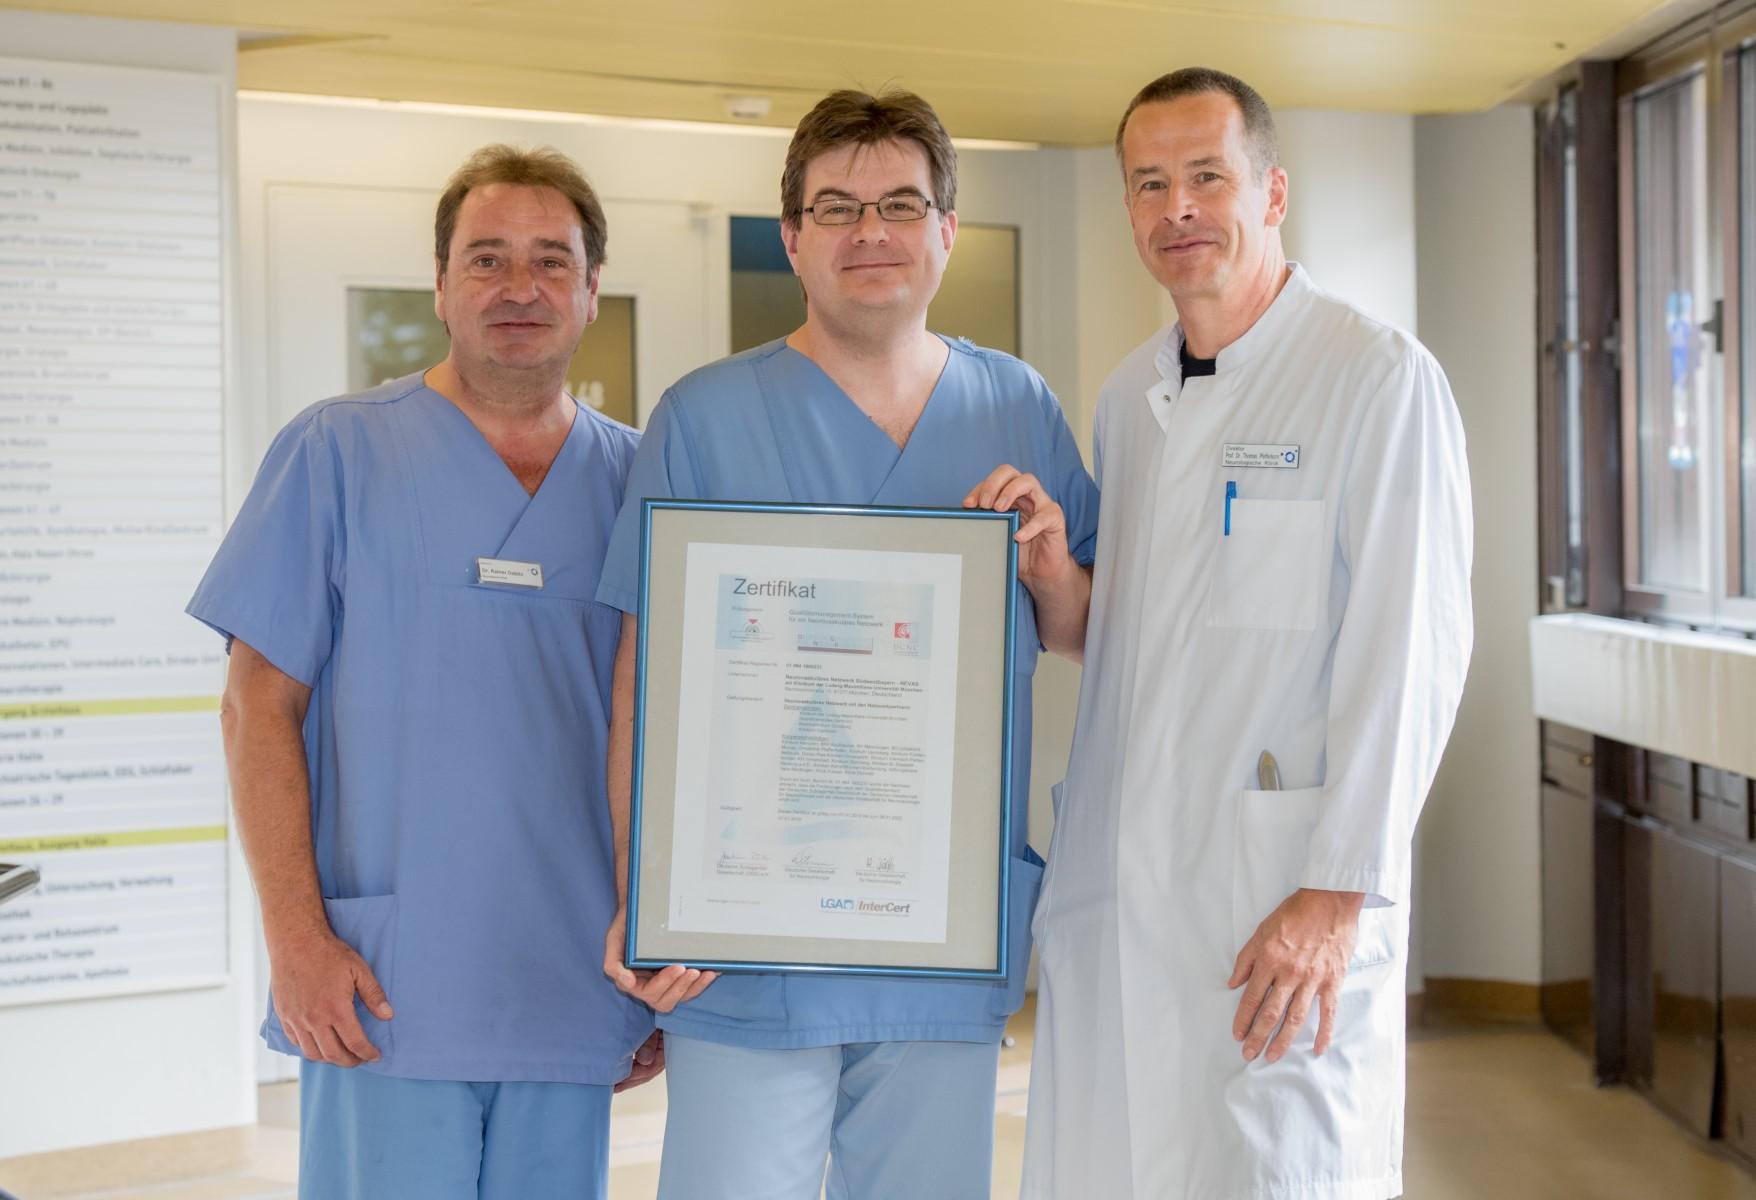 Dr. Dabitz, Thomas Flierler und Prof. Pfefferkorn mit dem Zertifikat der Stroke Unit